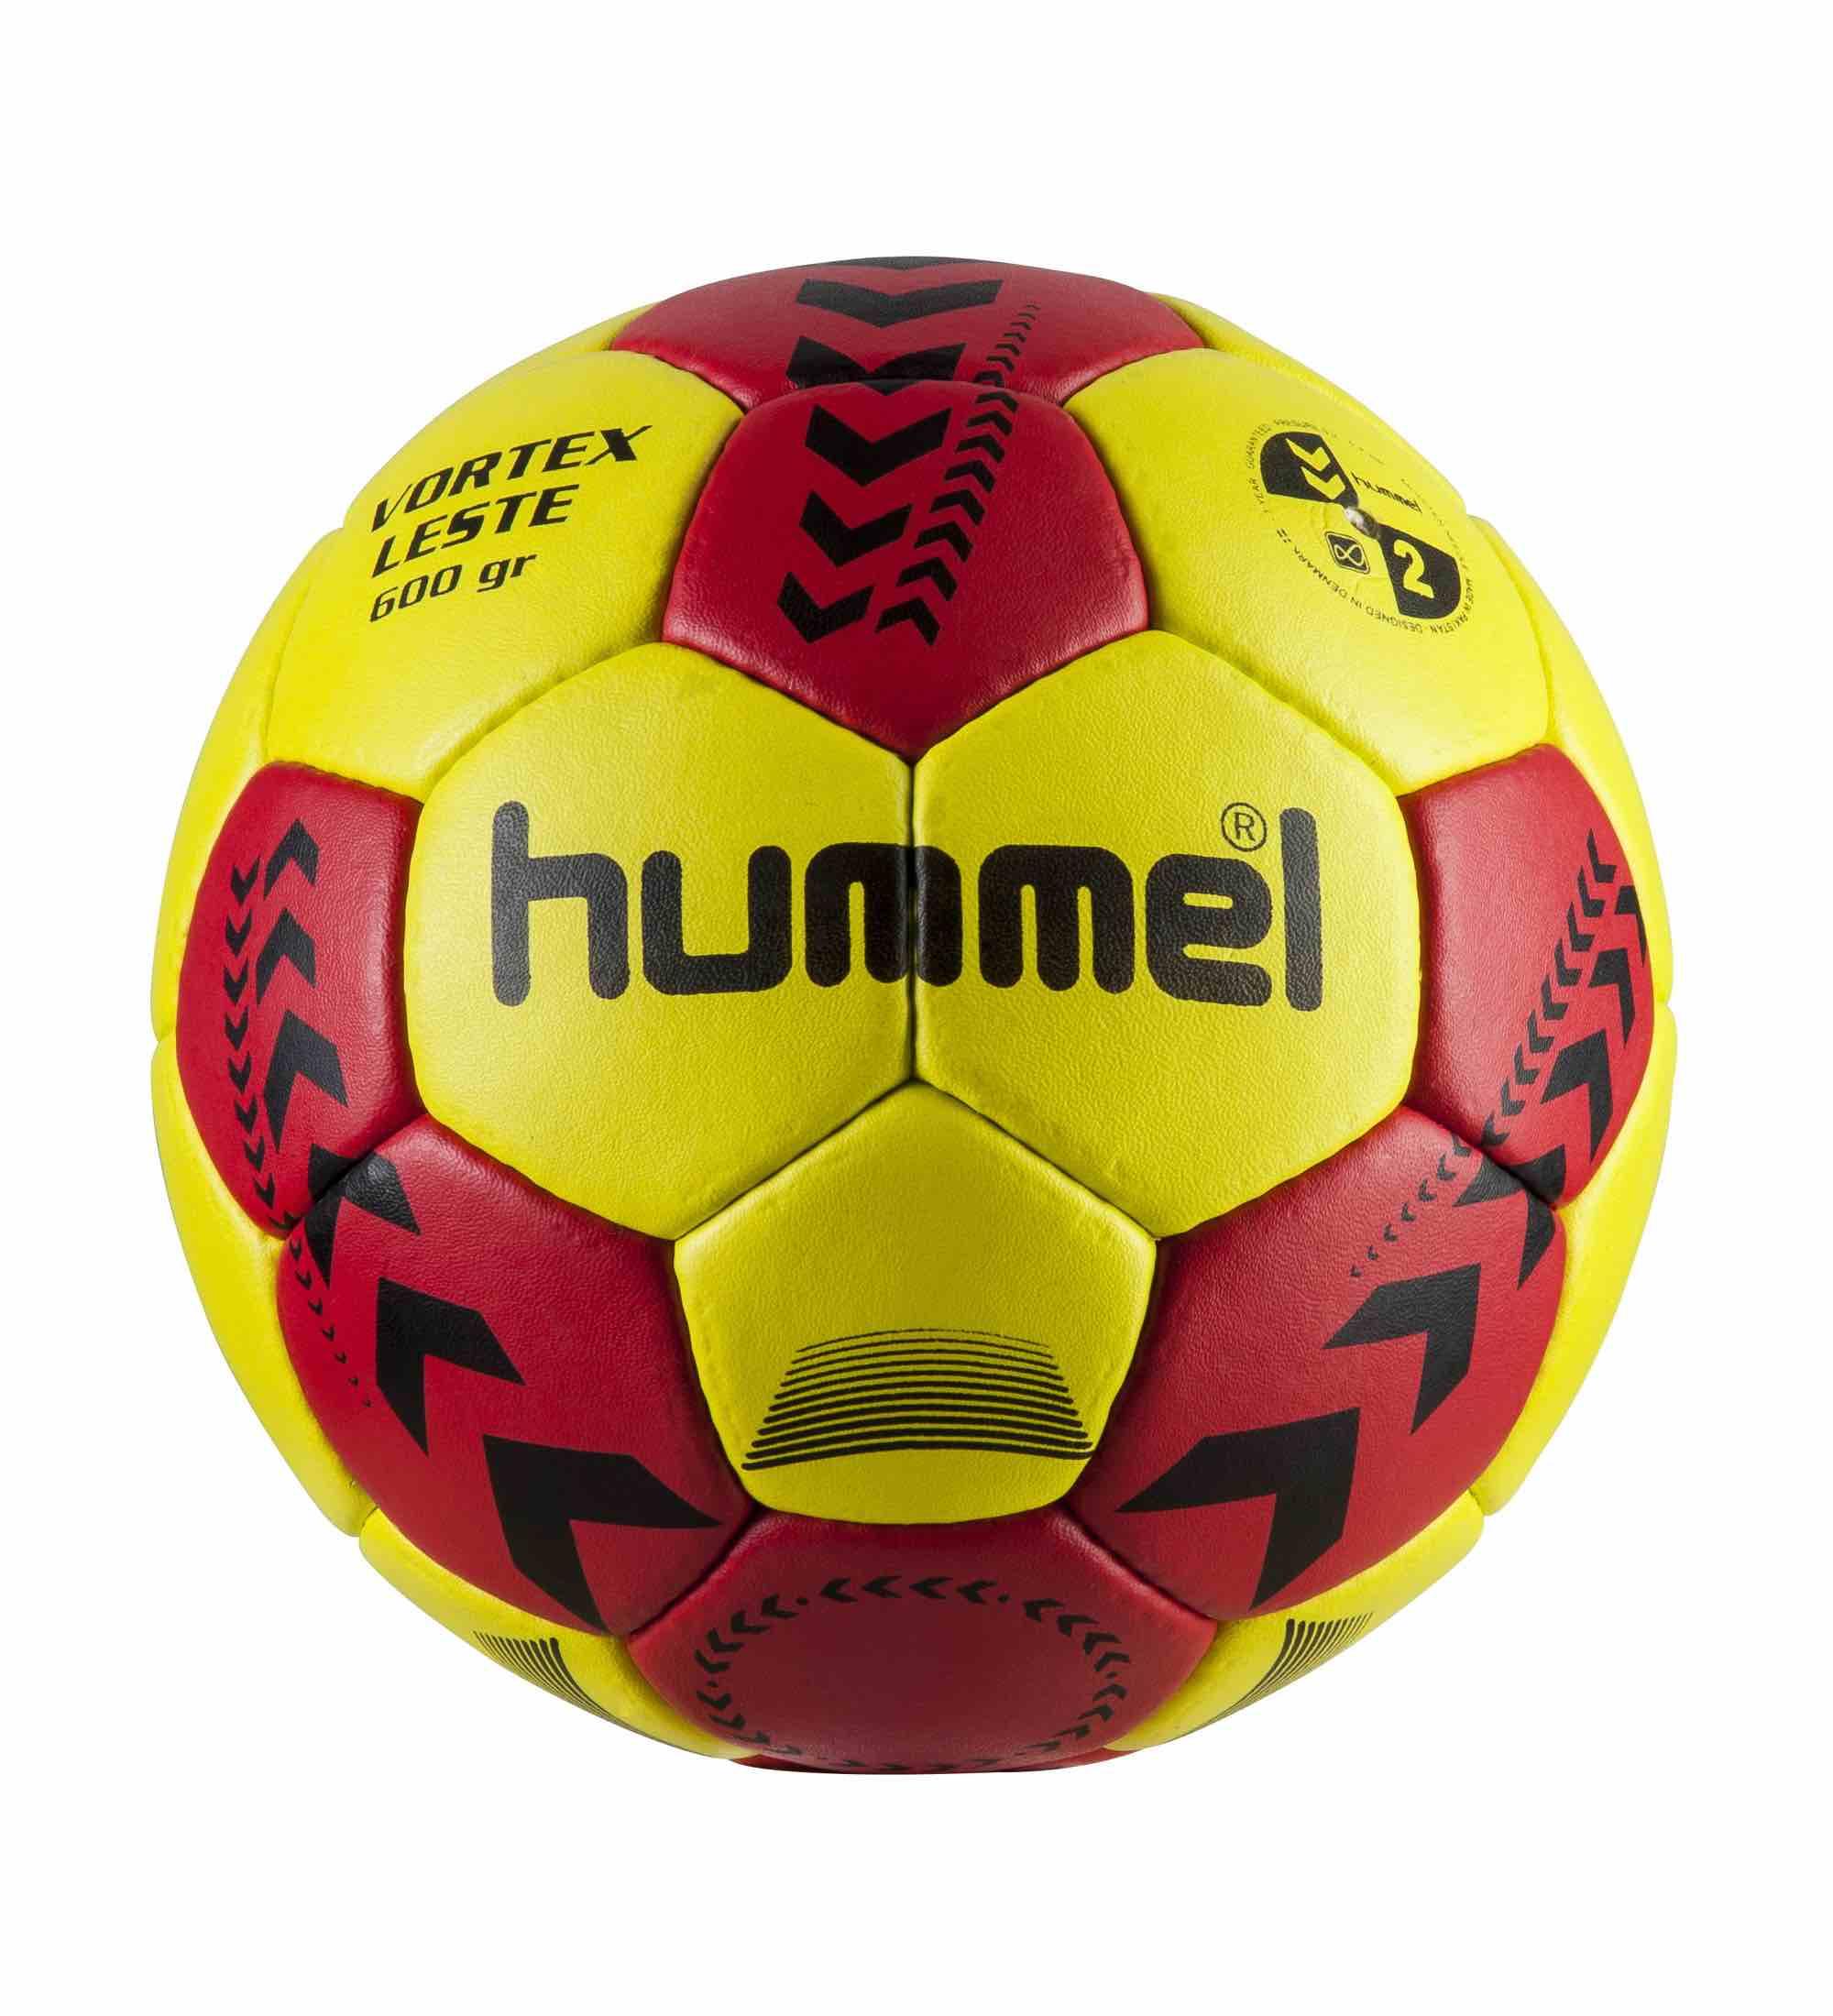 ballon-vortex-lesté-hummel2